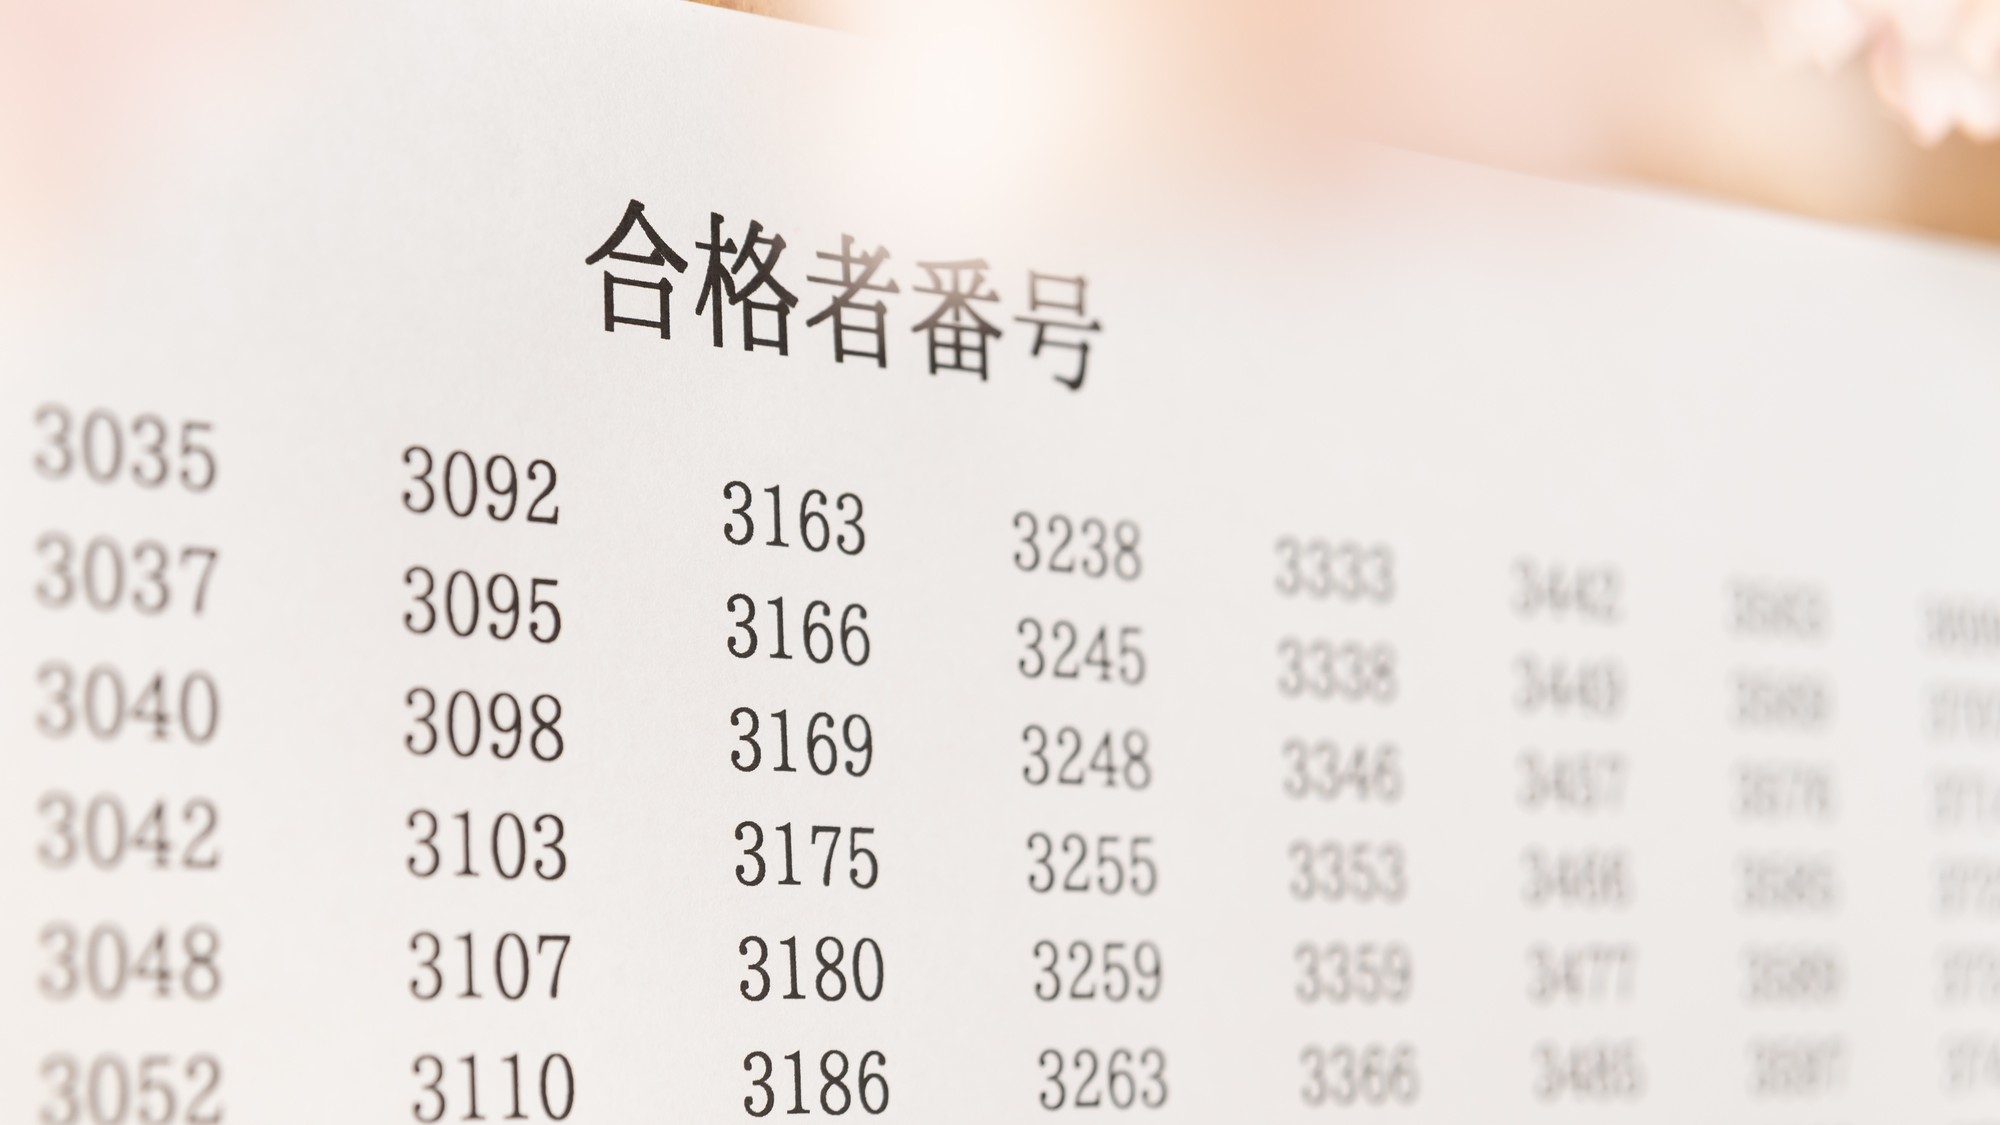 なぜ受験エリートたちは「東京大学」を目指したのか?